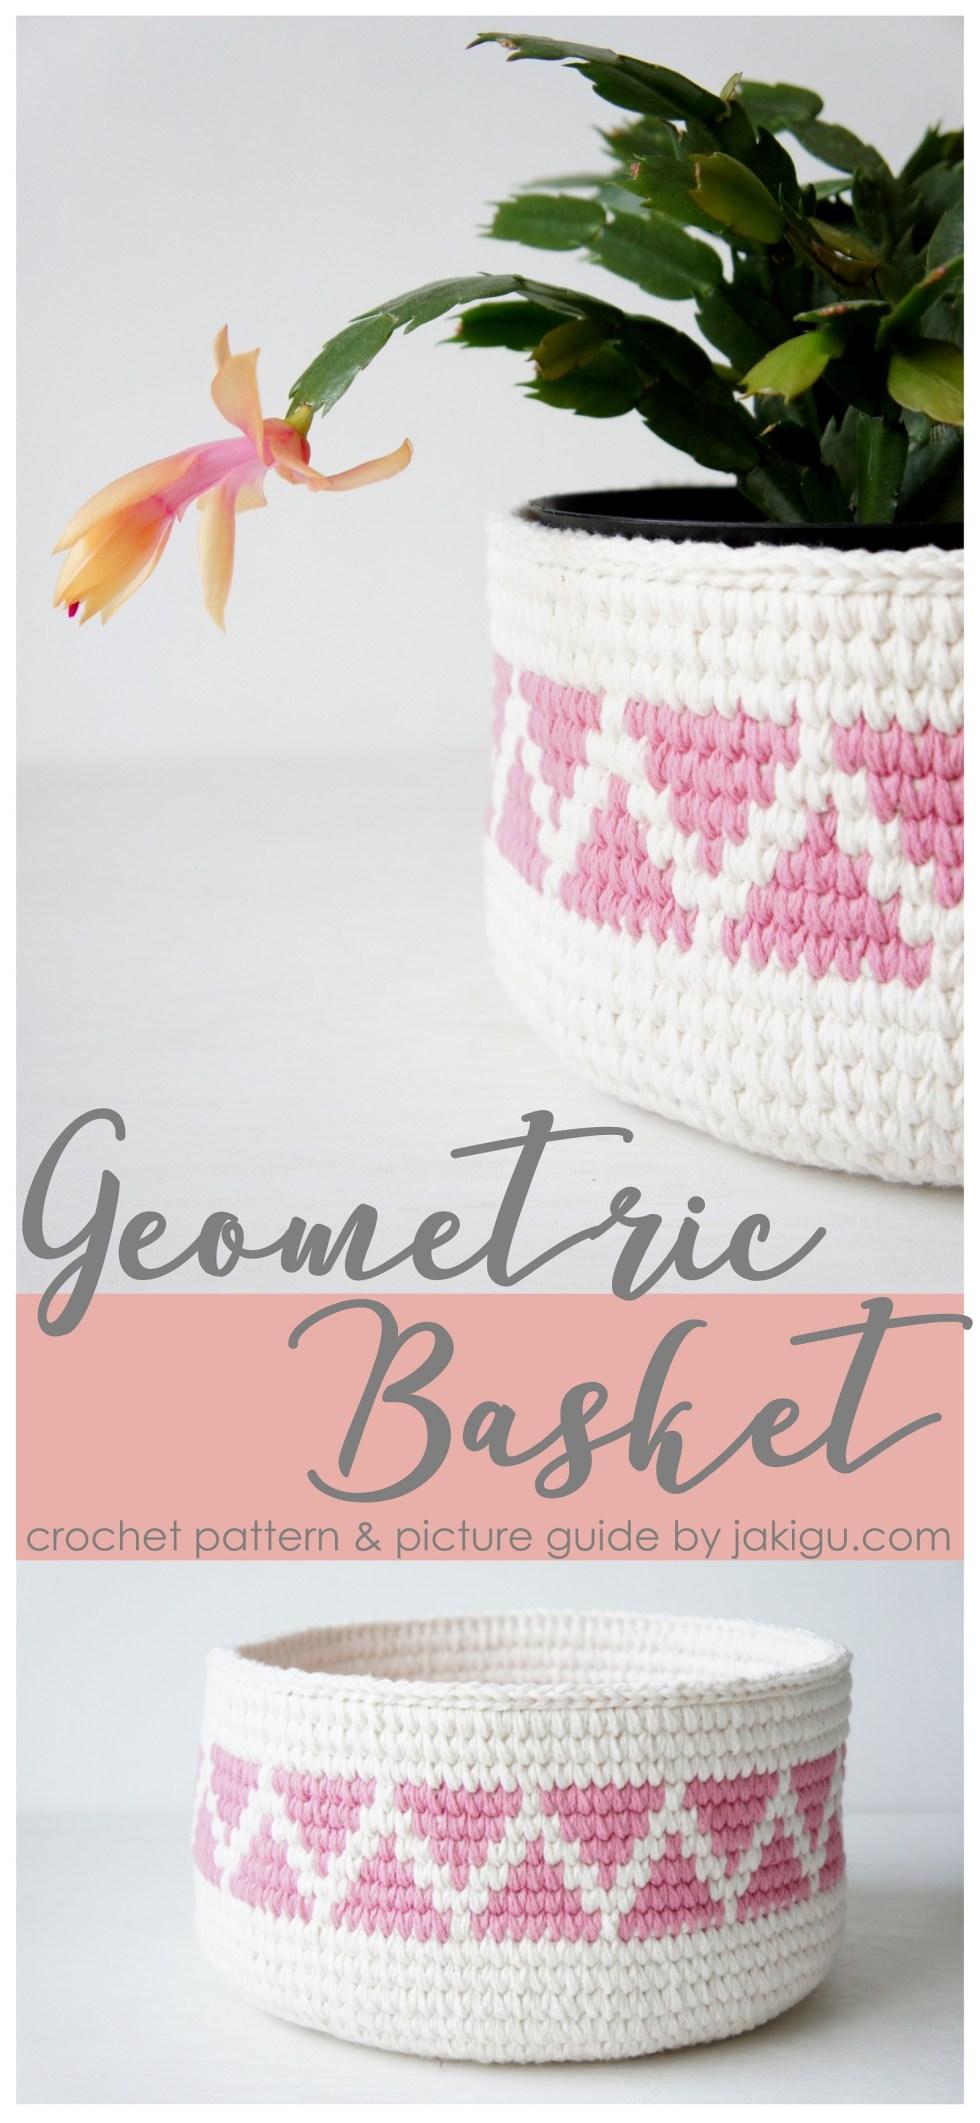 Geometric Crochet Basket Pattern by JaKiGu